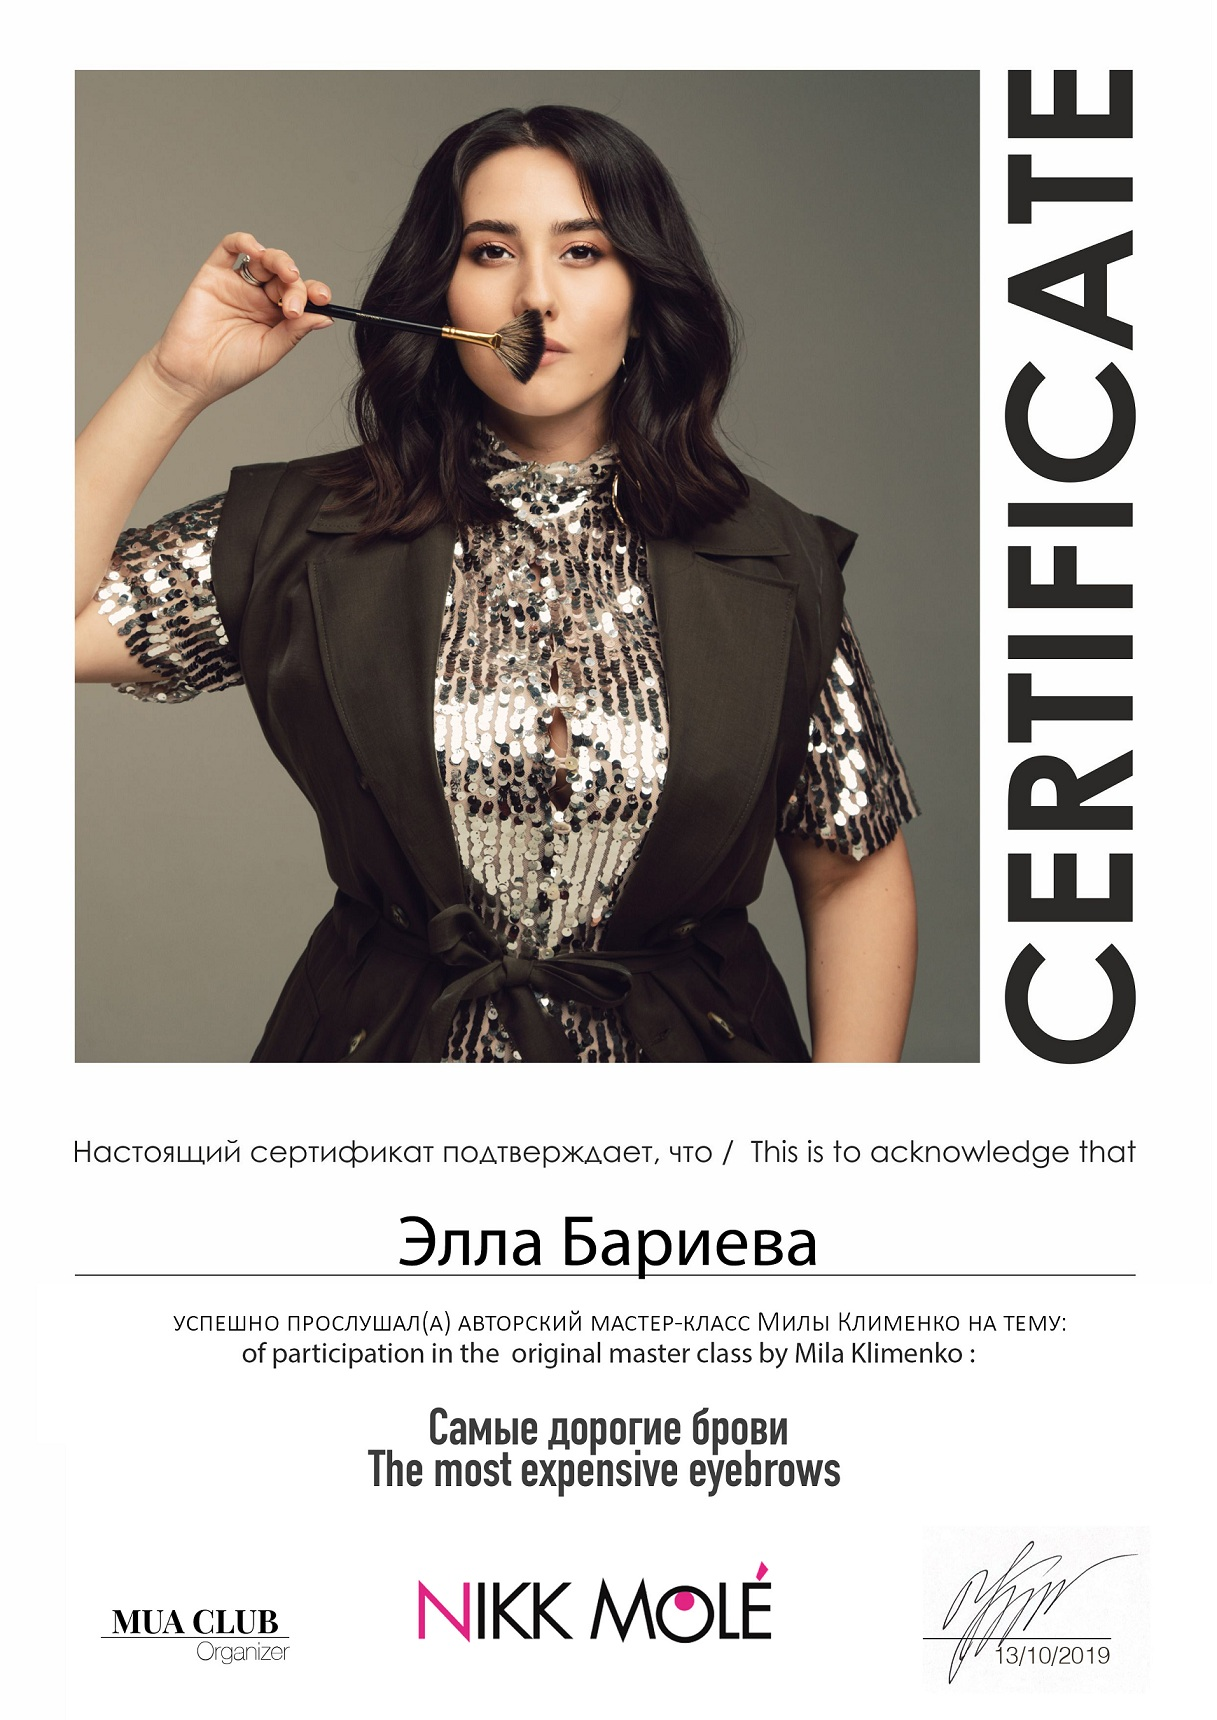 авторский мастер-класс Милы Клименко - самые дорогие брови